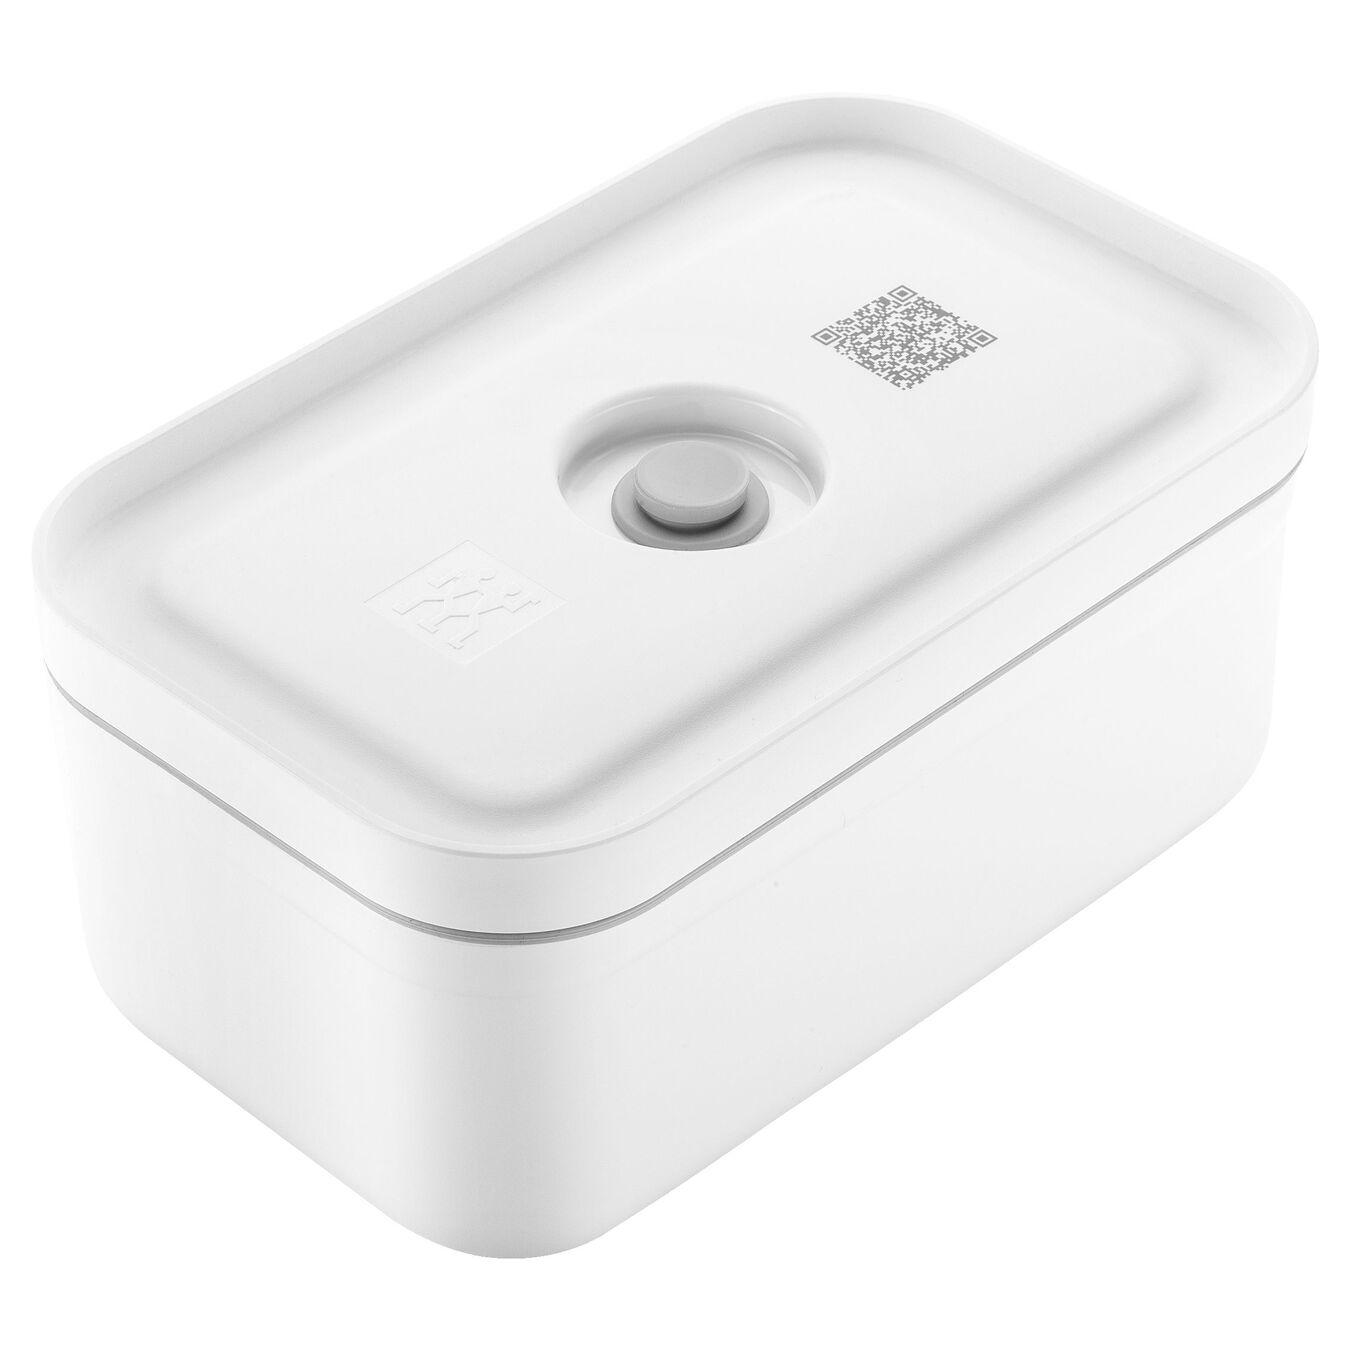 Vacuum lunch box, medium, White,,large 1